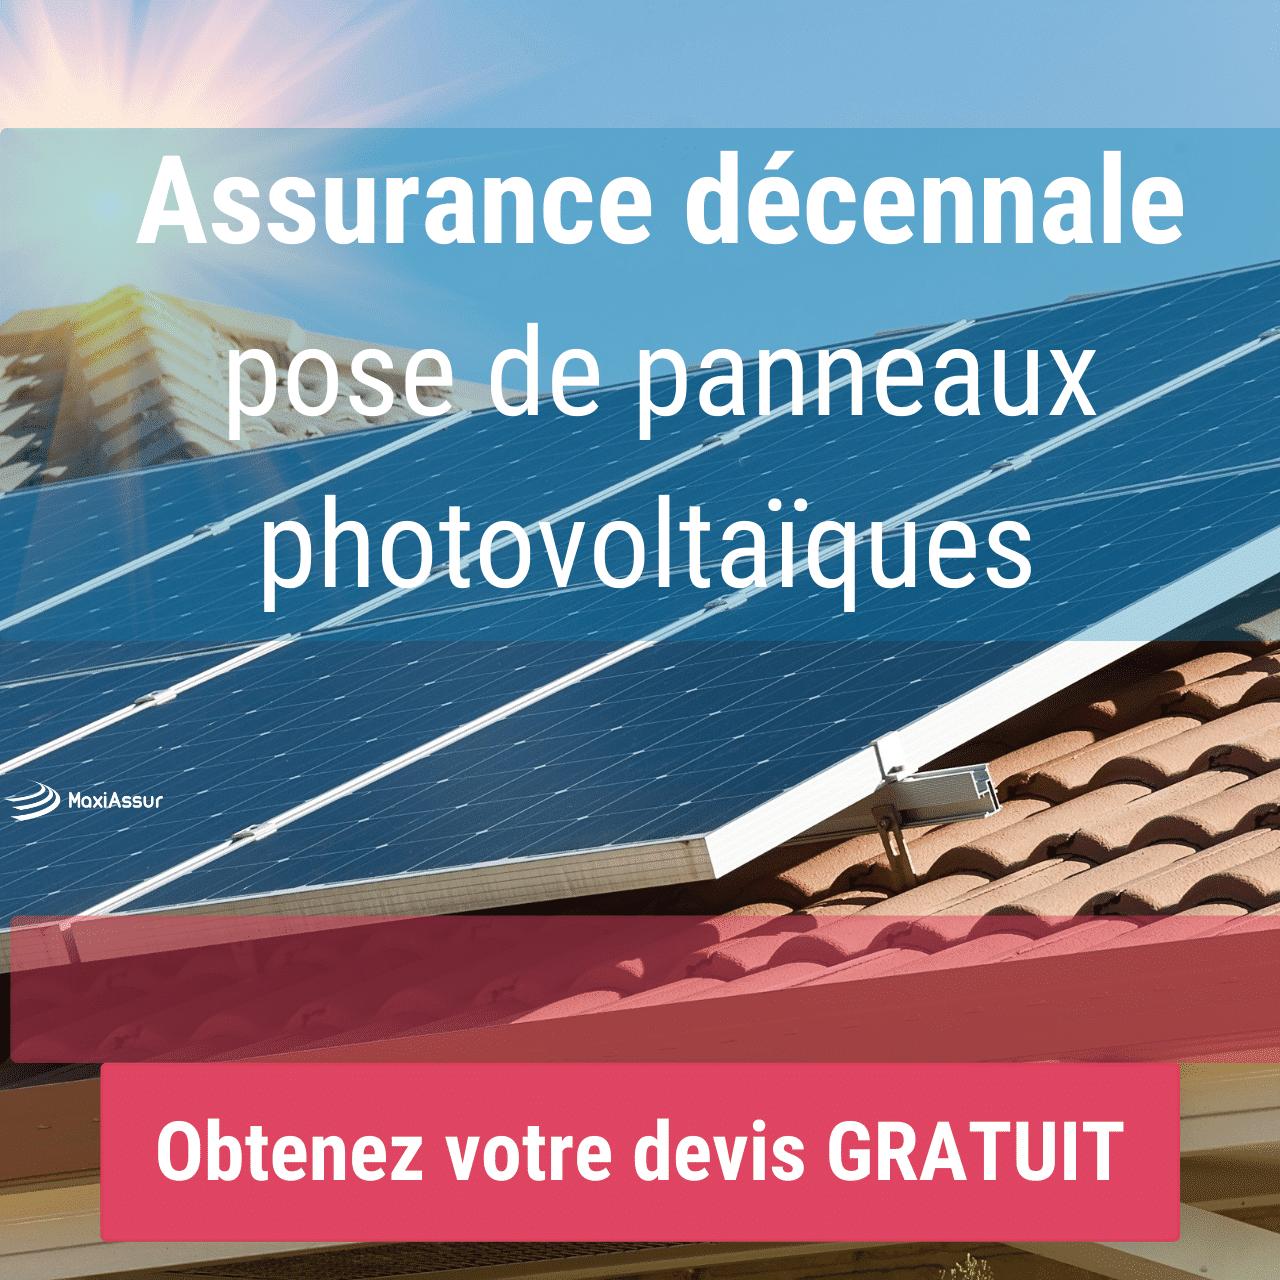 décennale panneaux photovoltaïque